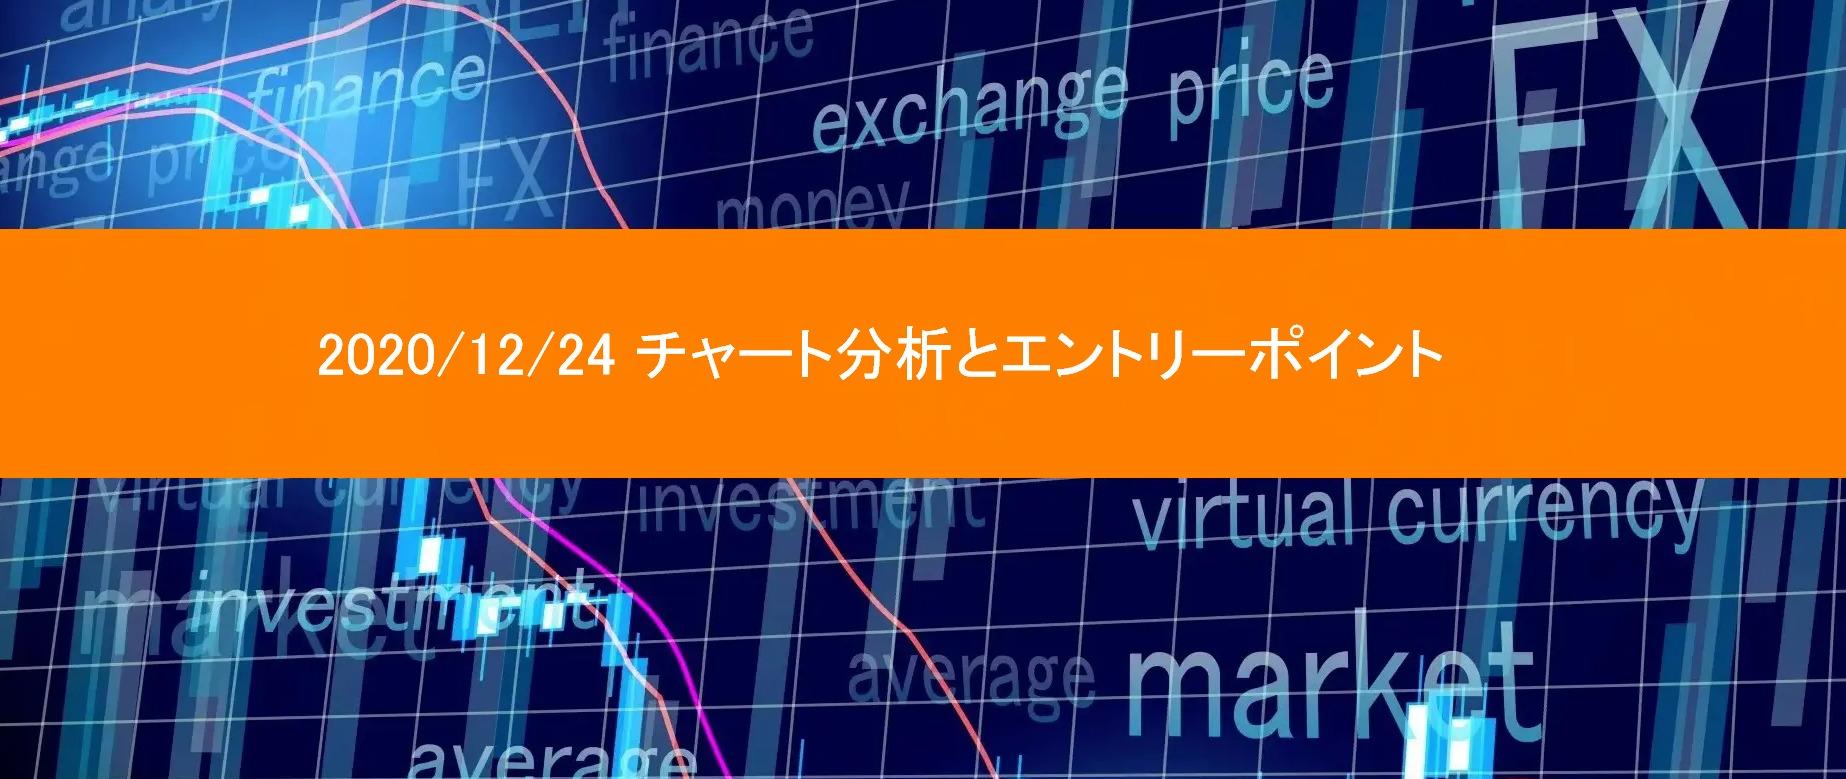 2020/12/24チャート分析とエントリーポイント